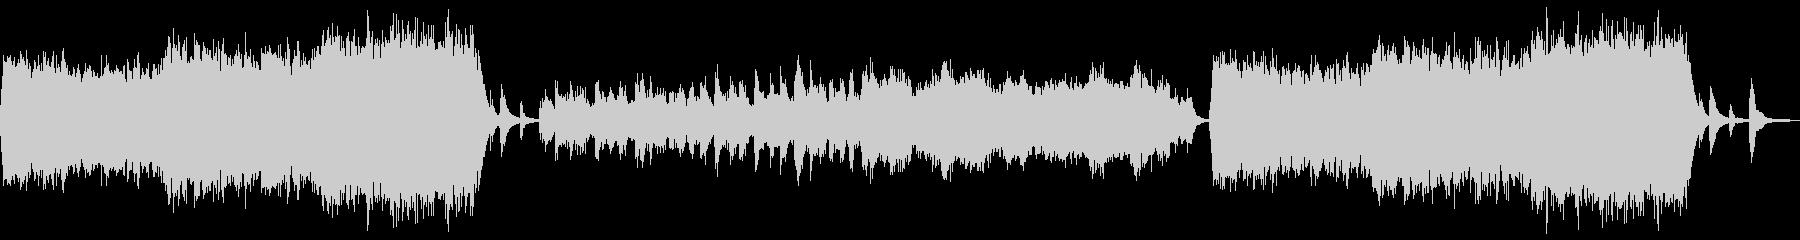 雄大な雰囲気のBGMの未再生の波形